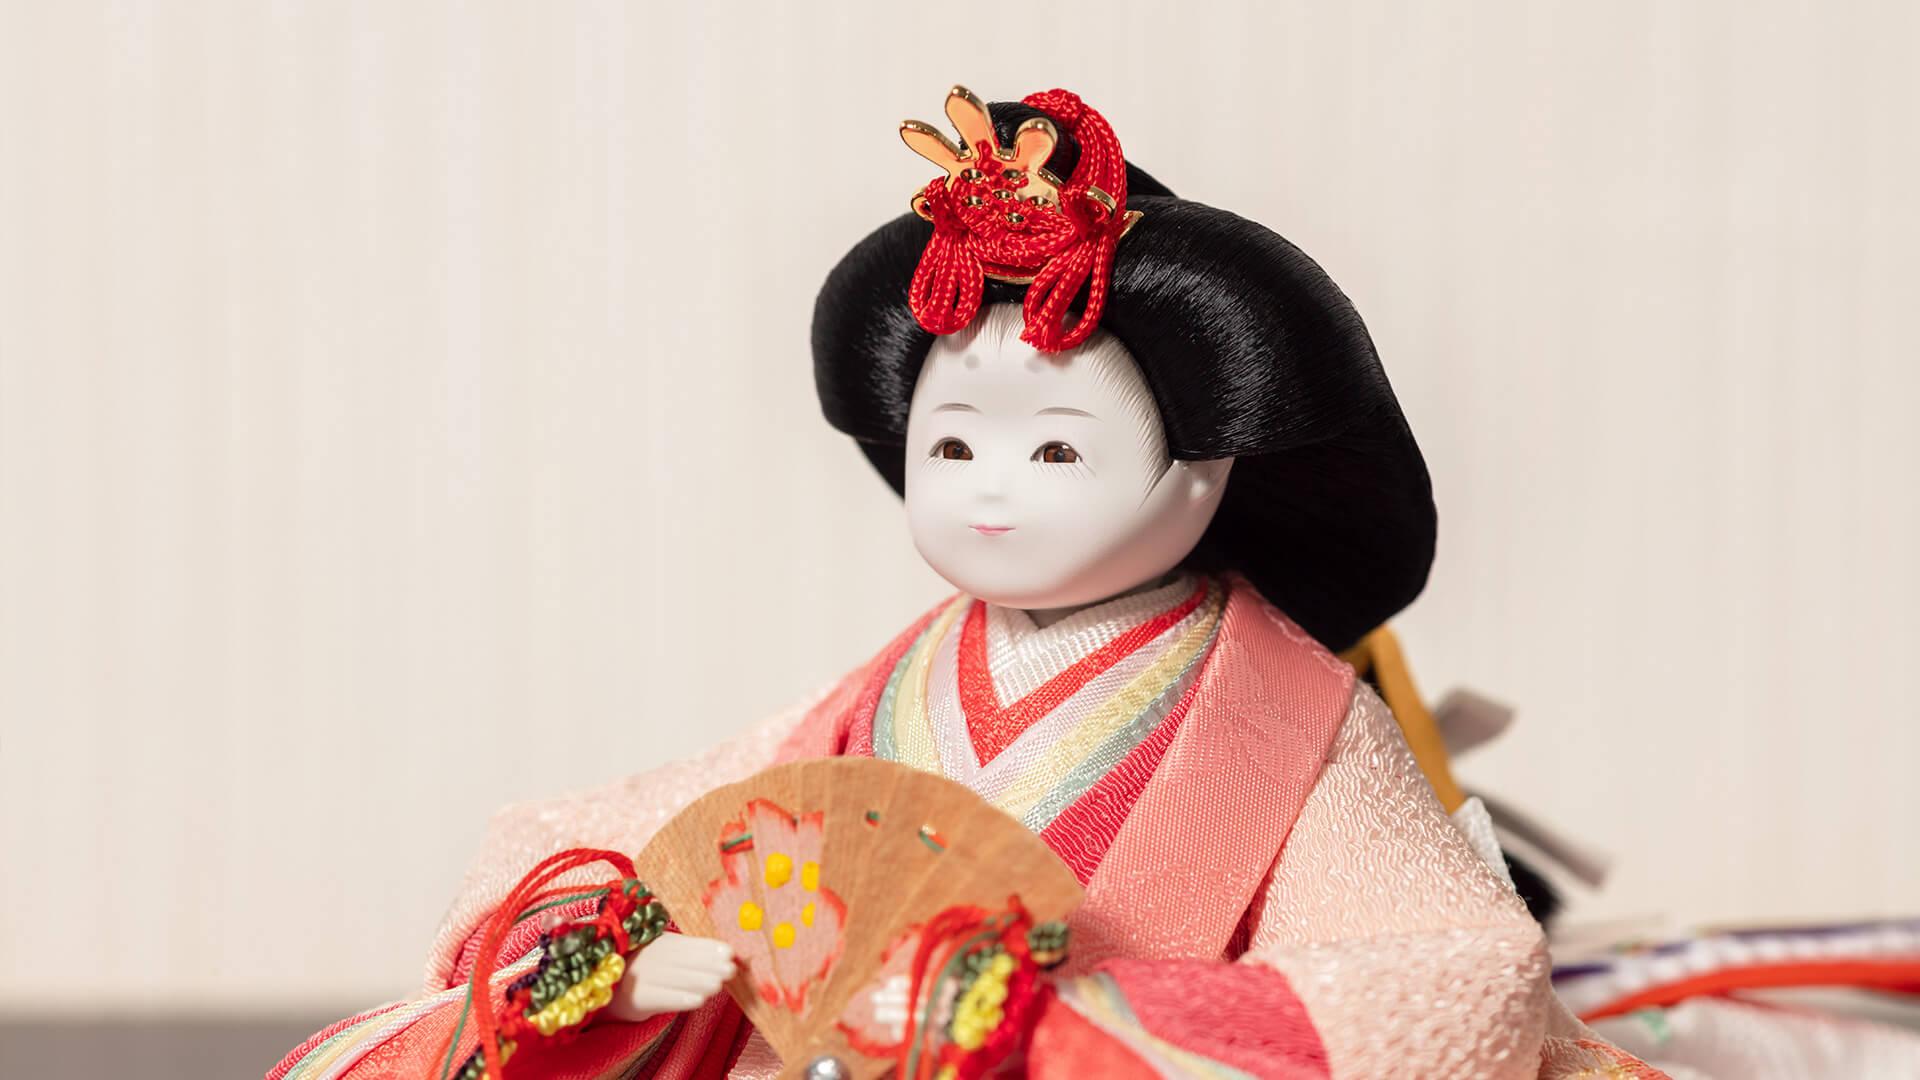 雛人形のふわりのコンパクトでかわいいお顔のUP